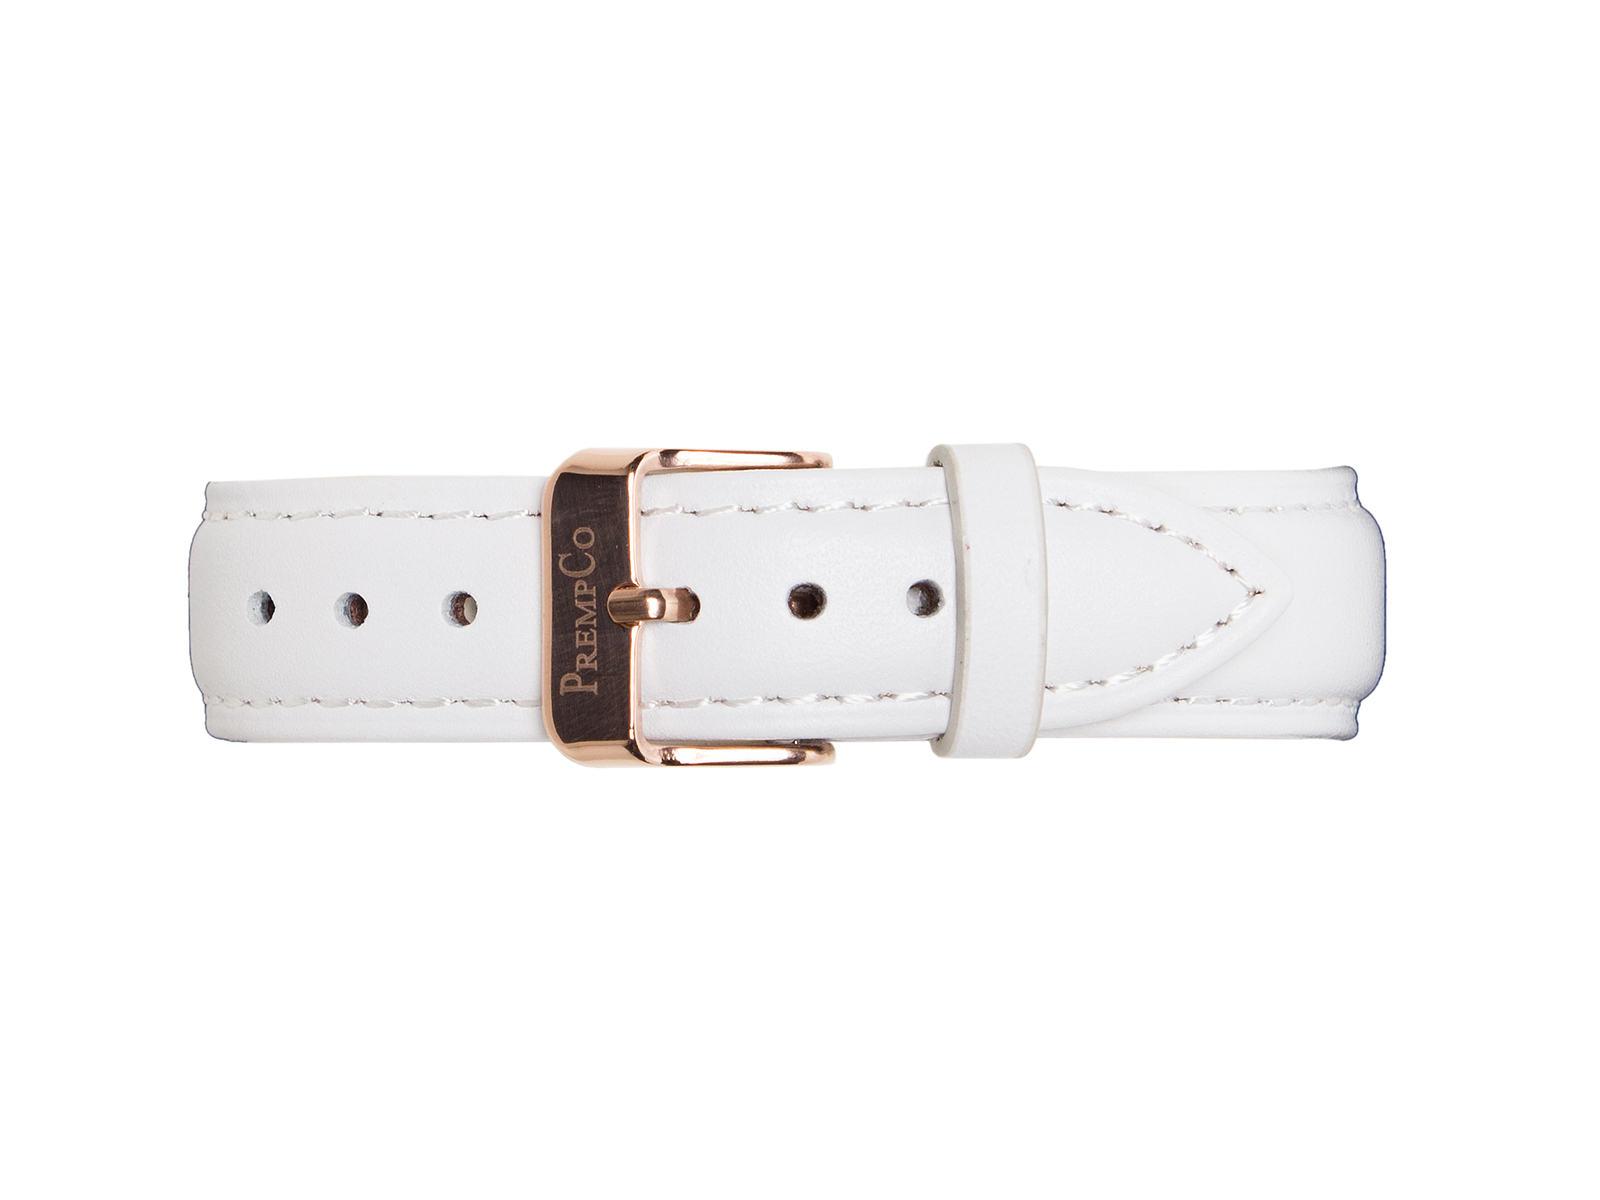 Weißes Schnellwechselband PrempCo Leder Uhrenband Uhrenarmband Schnellwechseluhrenband schnellwechseluhrenarmband